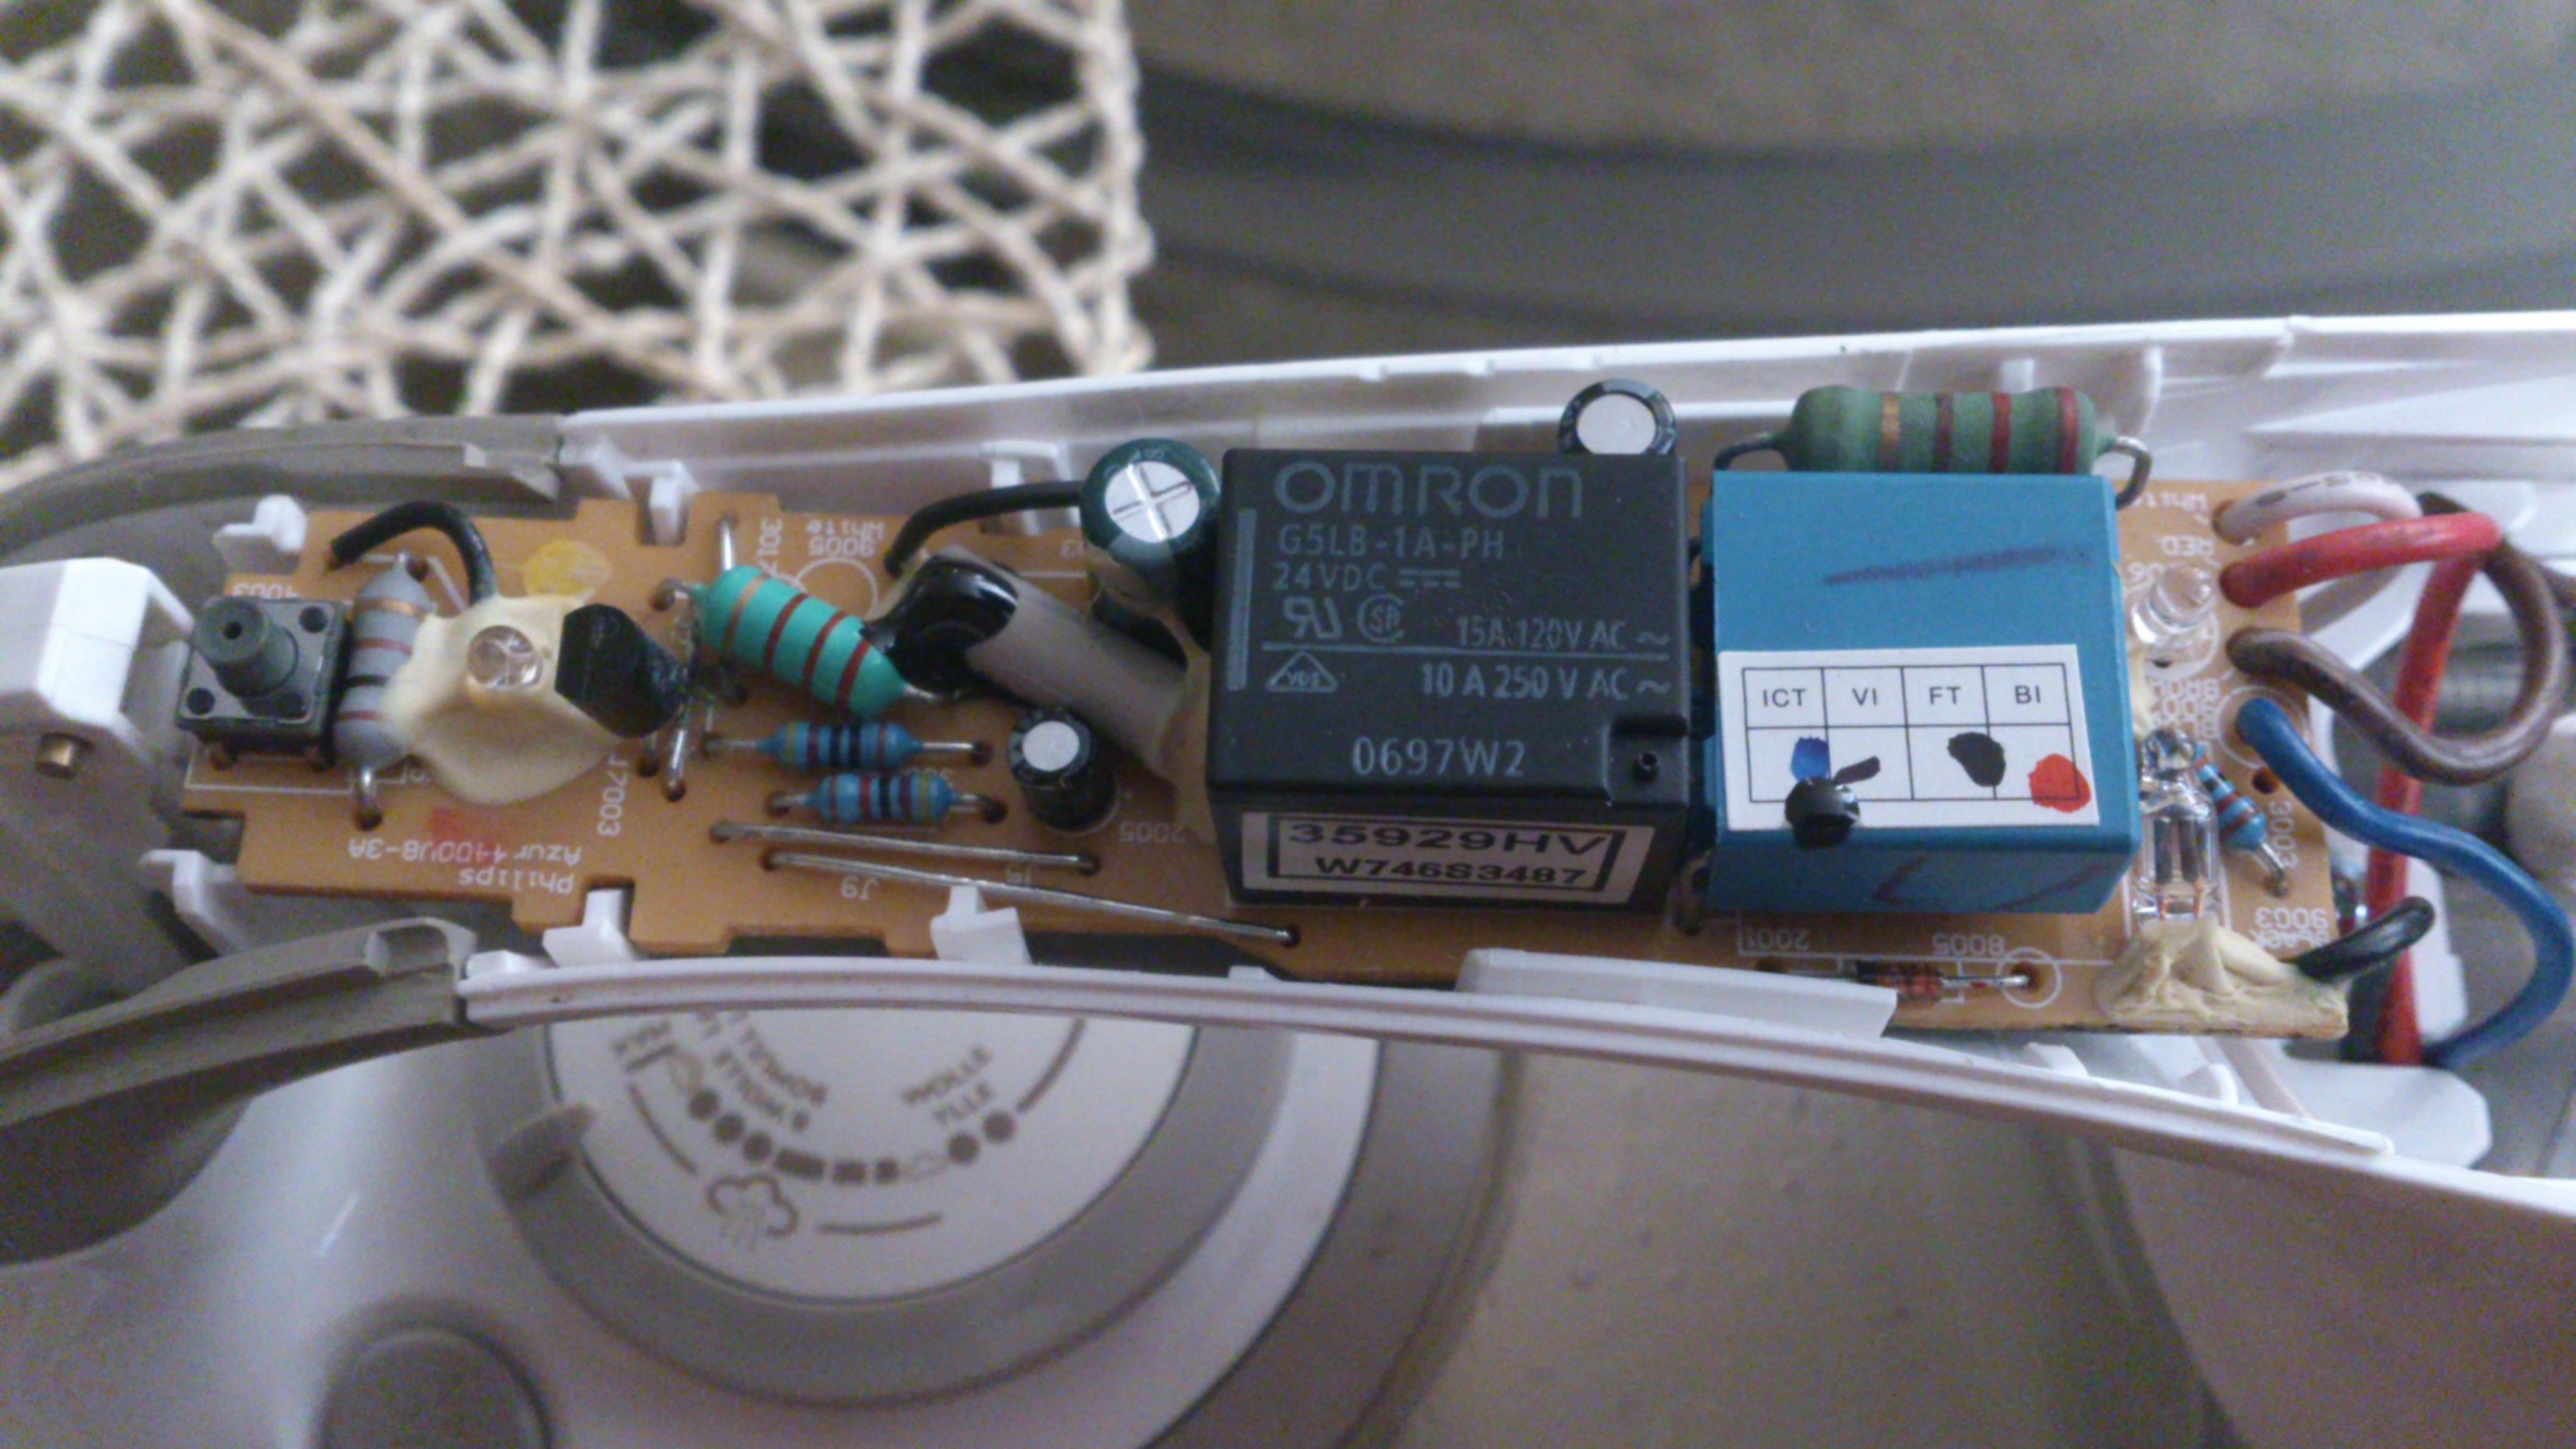 philips GC 4440 - Funkcja auto off.Zelazko w��cza si� i przechodzi w stan u�pien